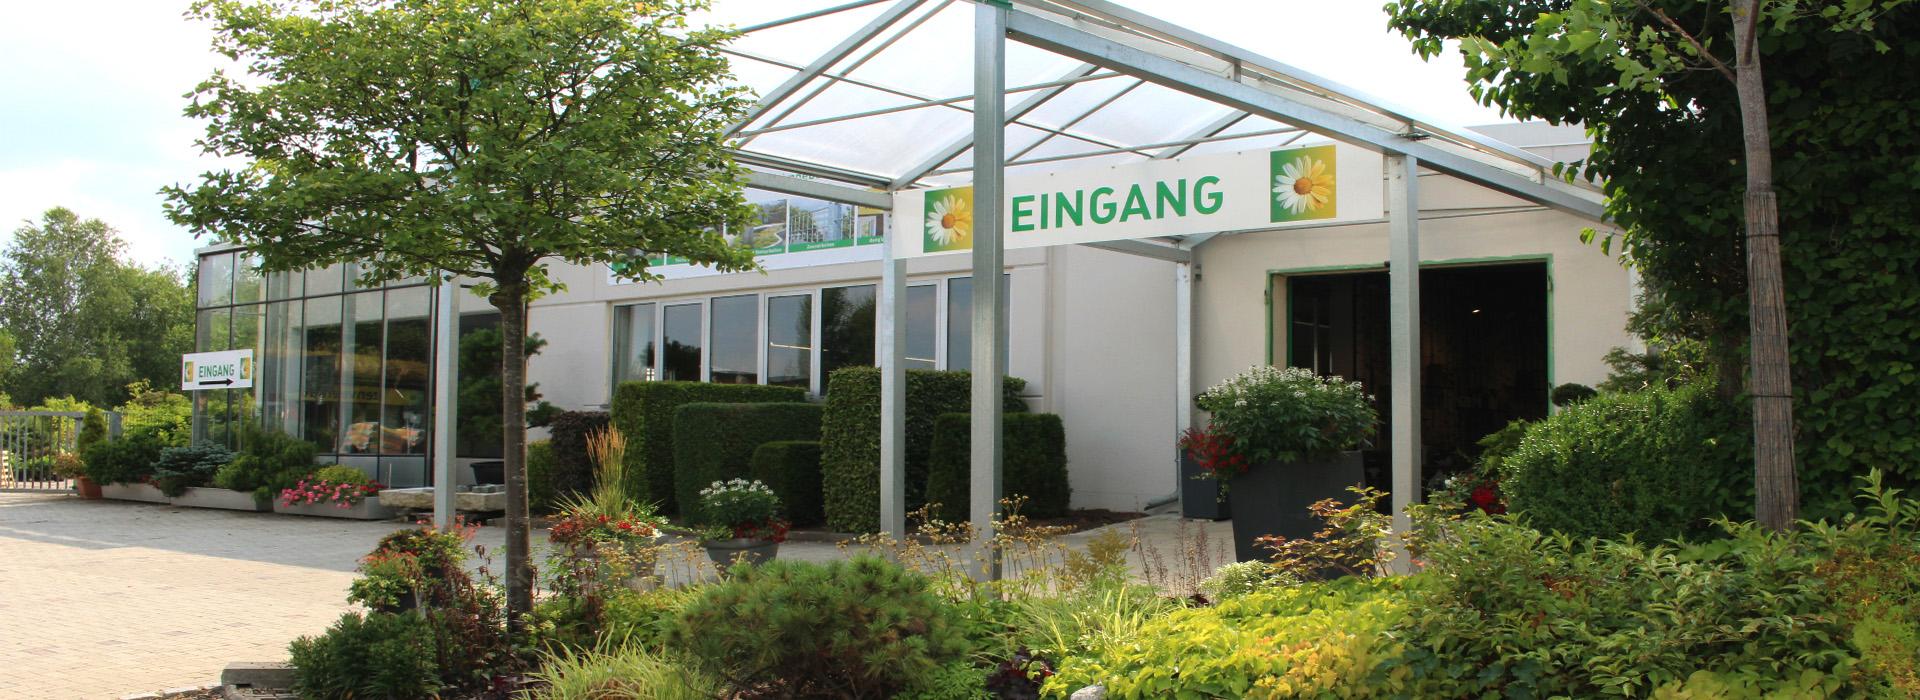 deegs Pflanzenwelt Pflanzenverkauf